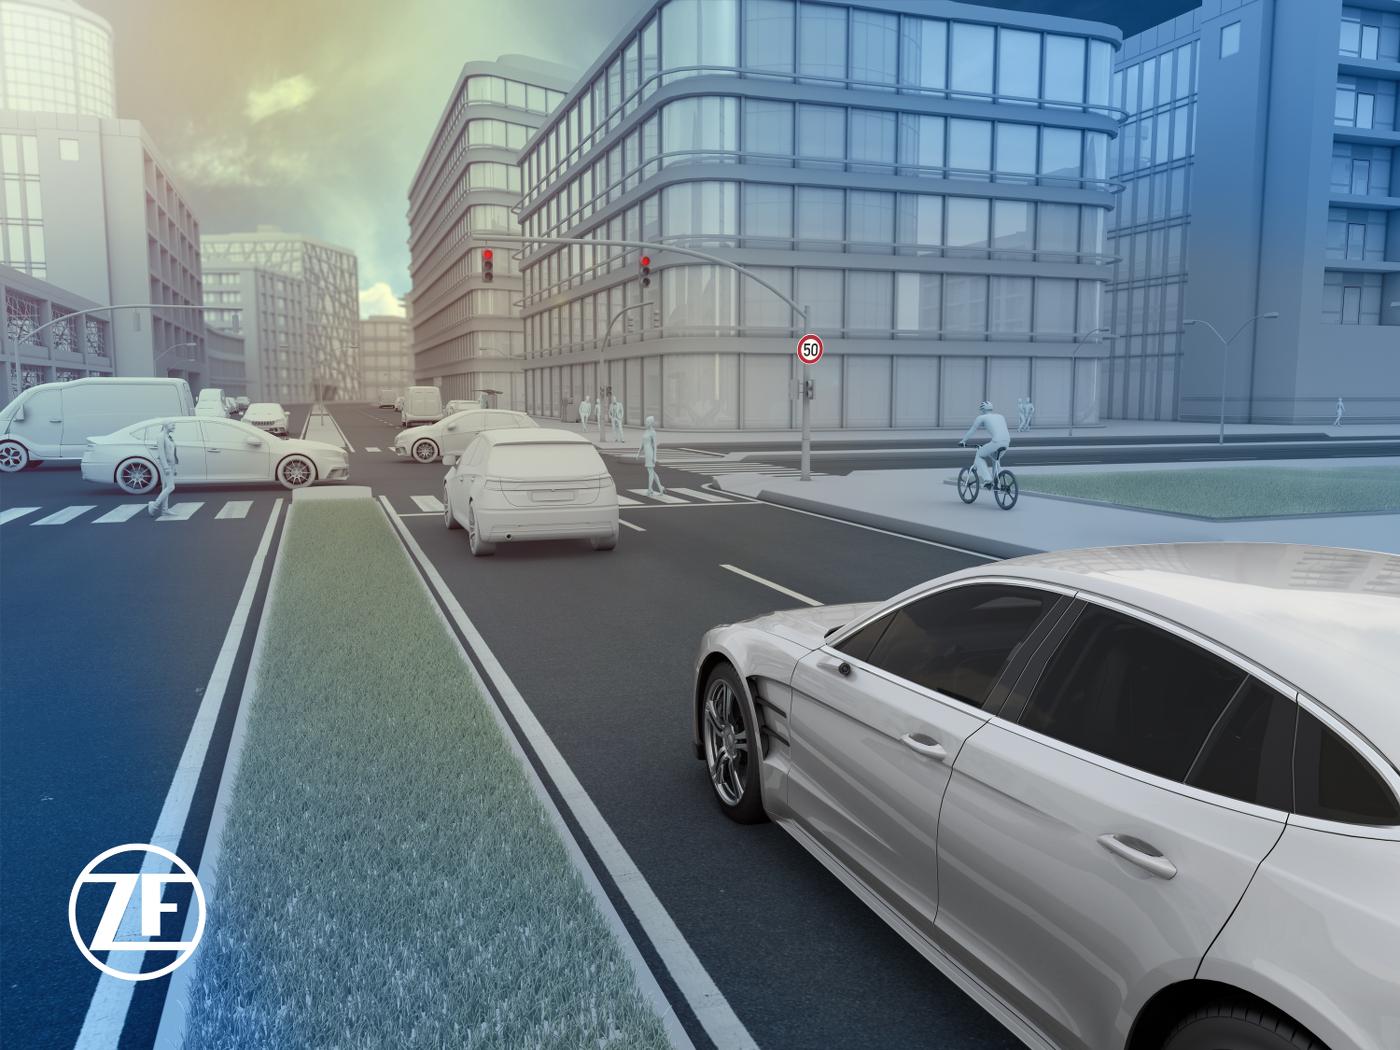 ZF Sensorik autonomes Fahren Lidar Radar